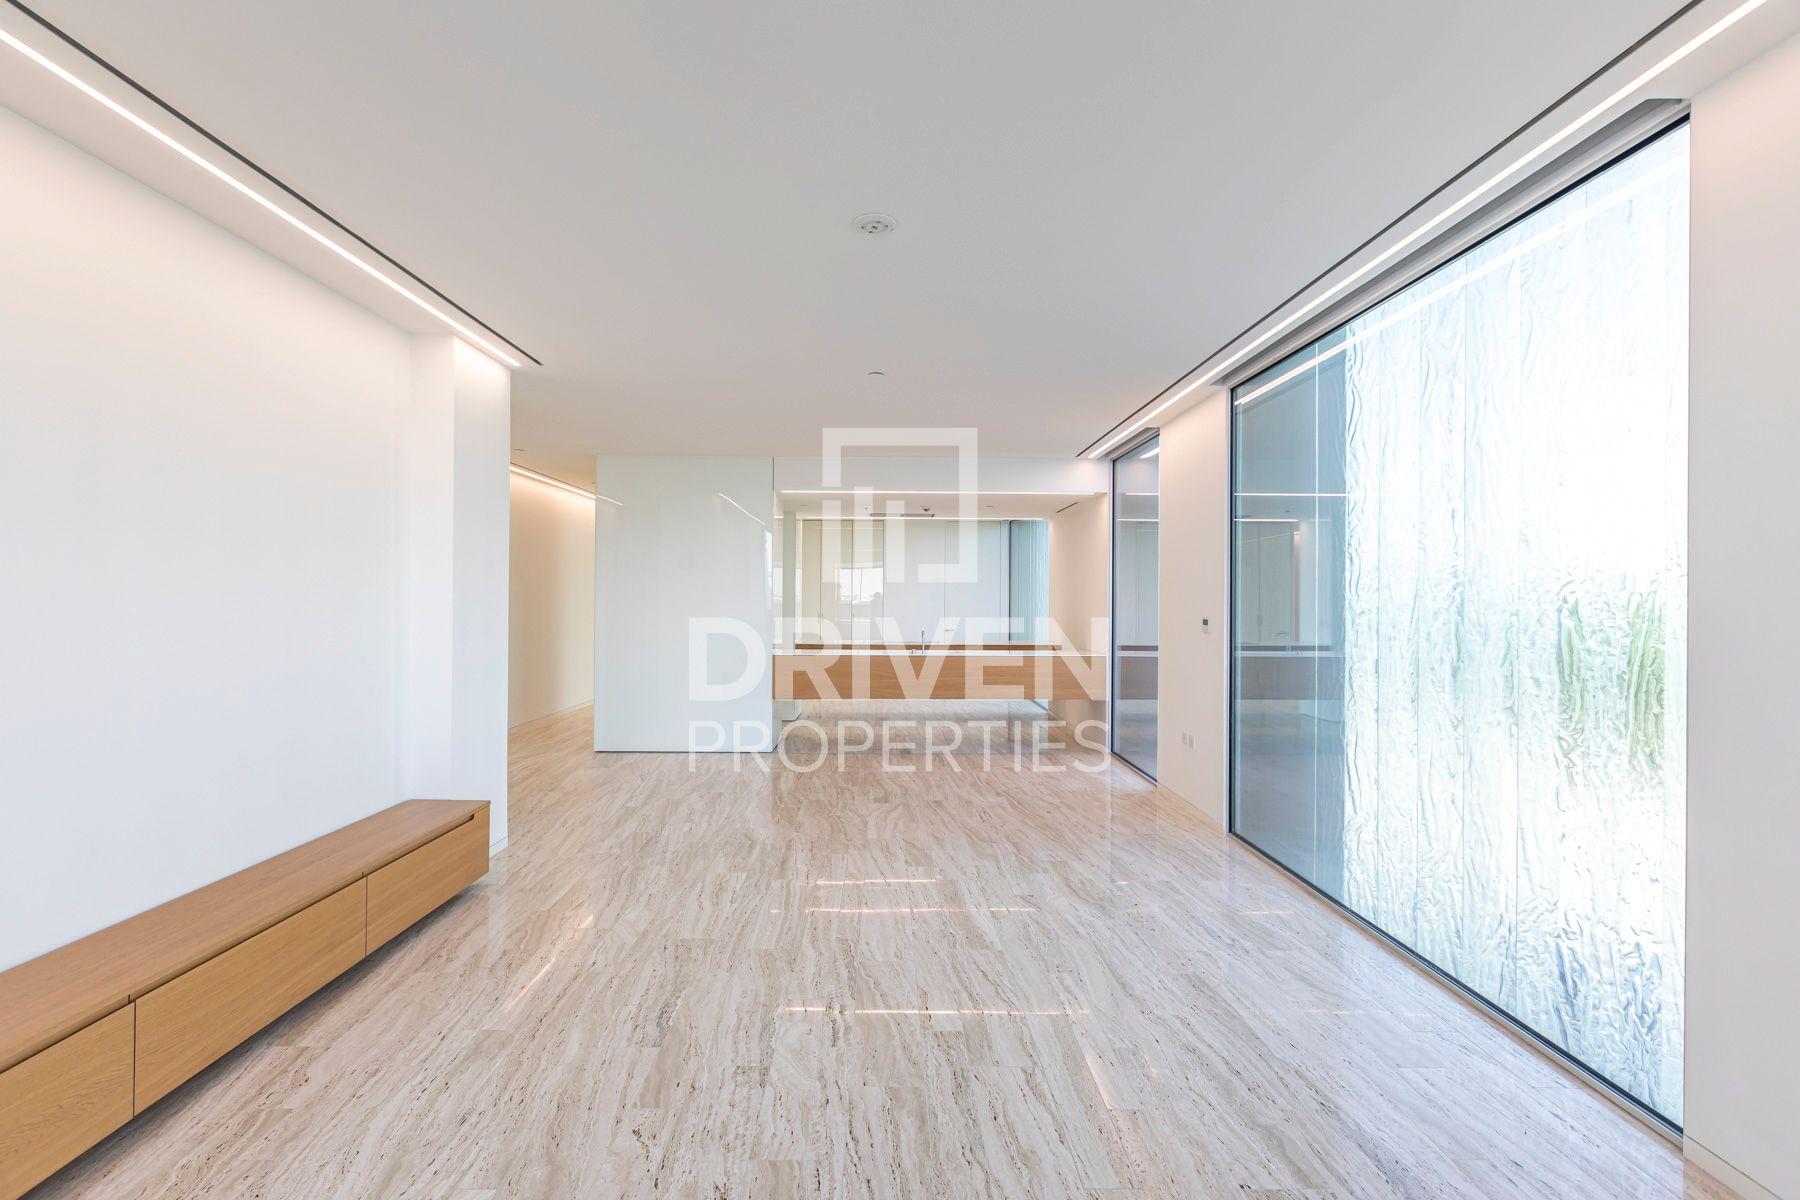 للبيع - شقة - مربع ريزيدنس - نخلة الجميرا